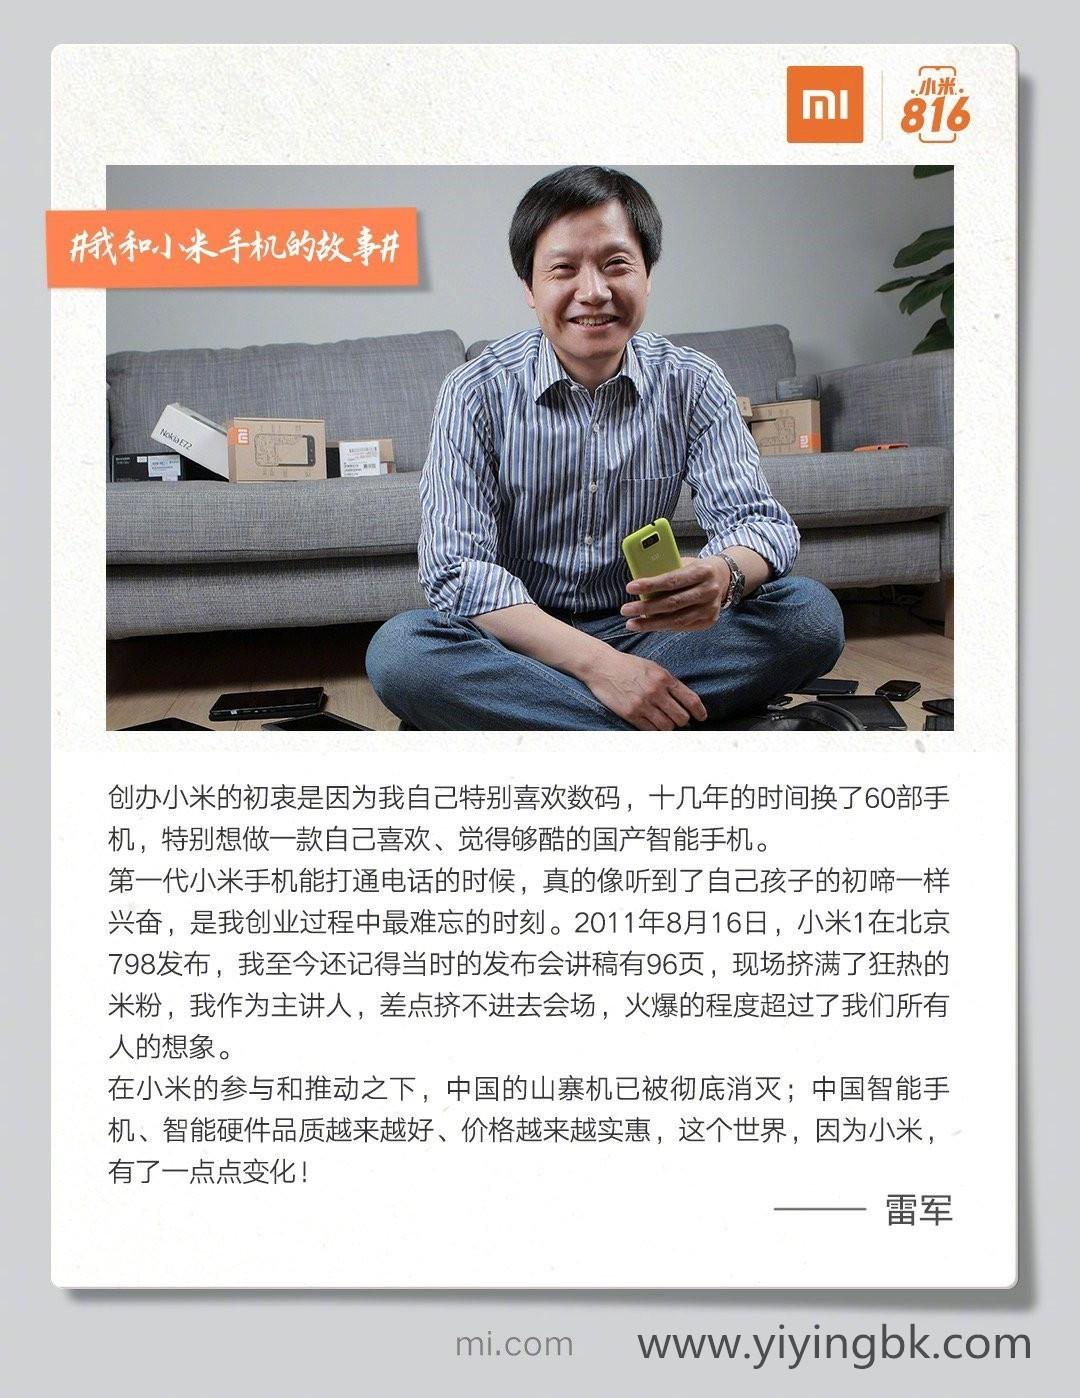 小米董事长CEO雷军和小米手机的故事